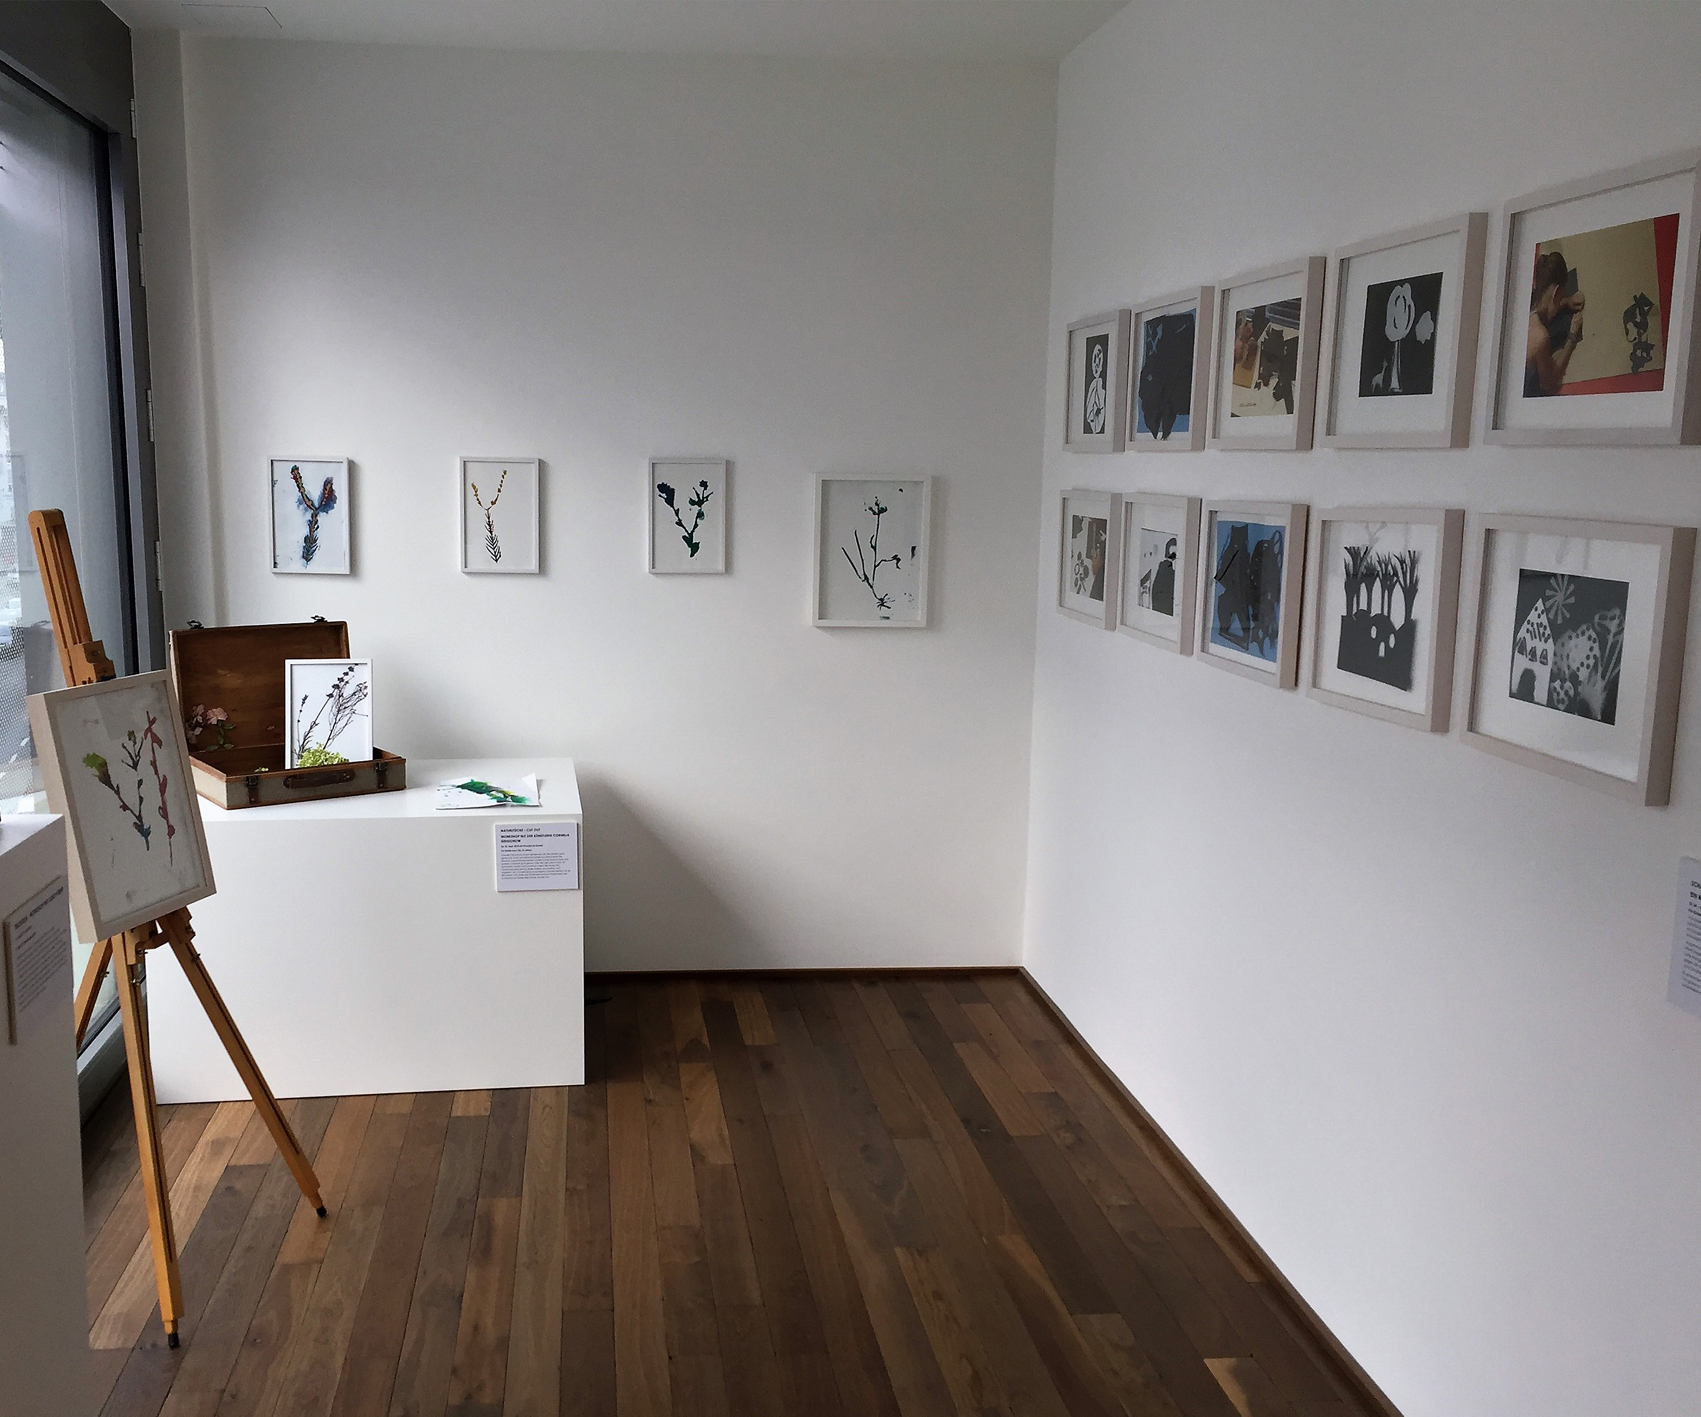 August Macke Haus Bonn – StiftungErlebnisKunst